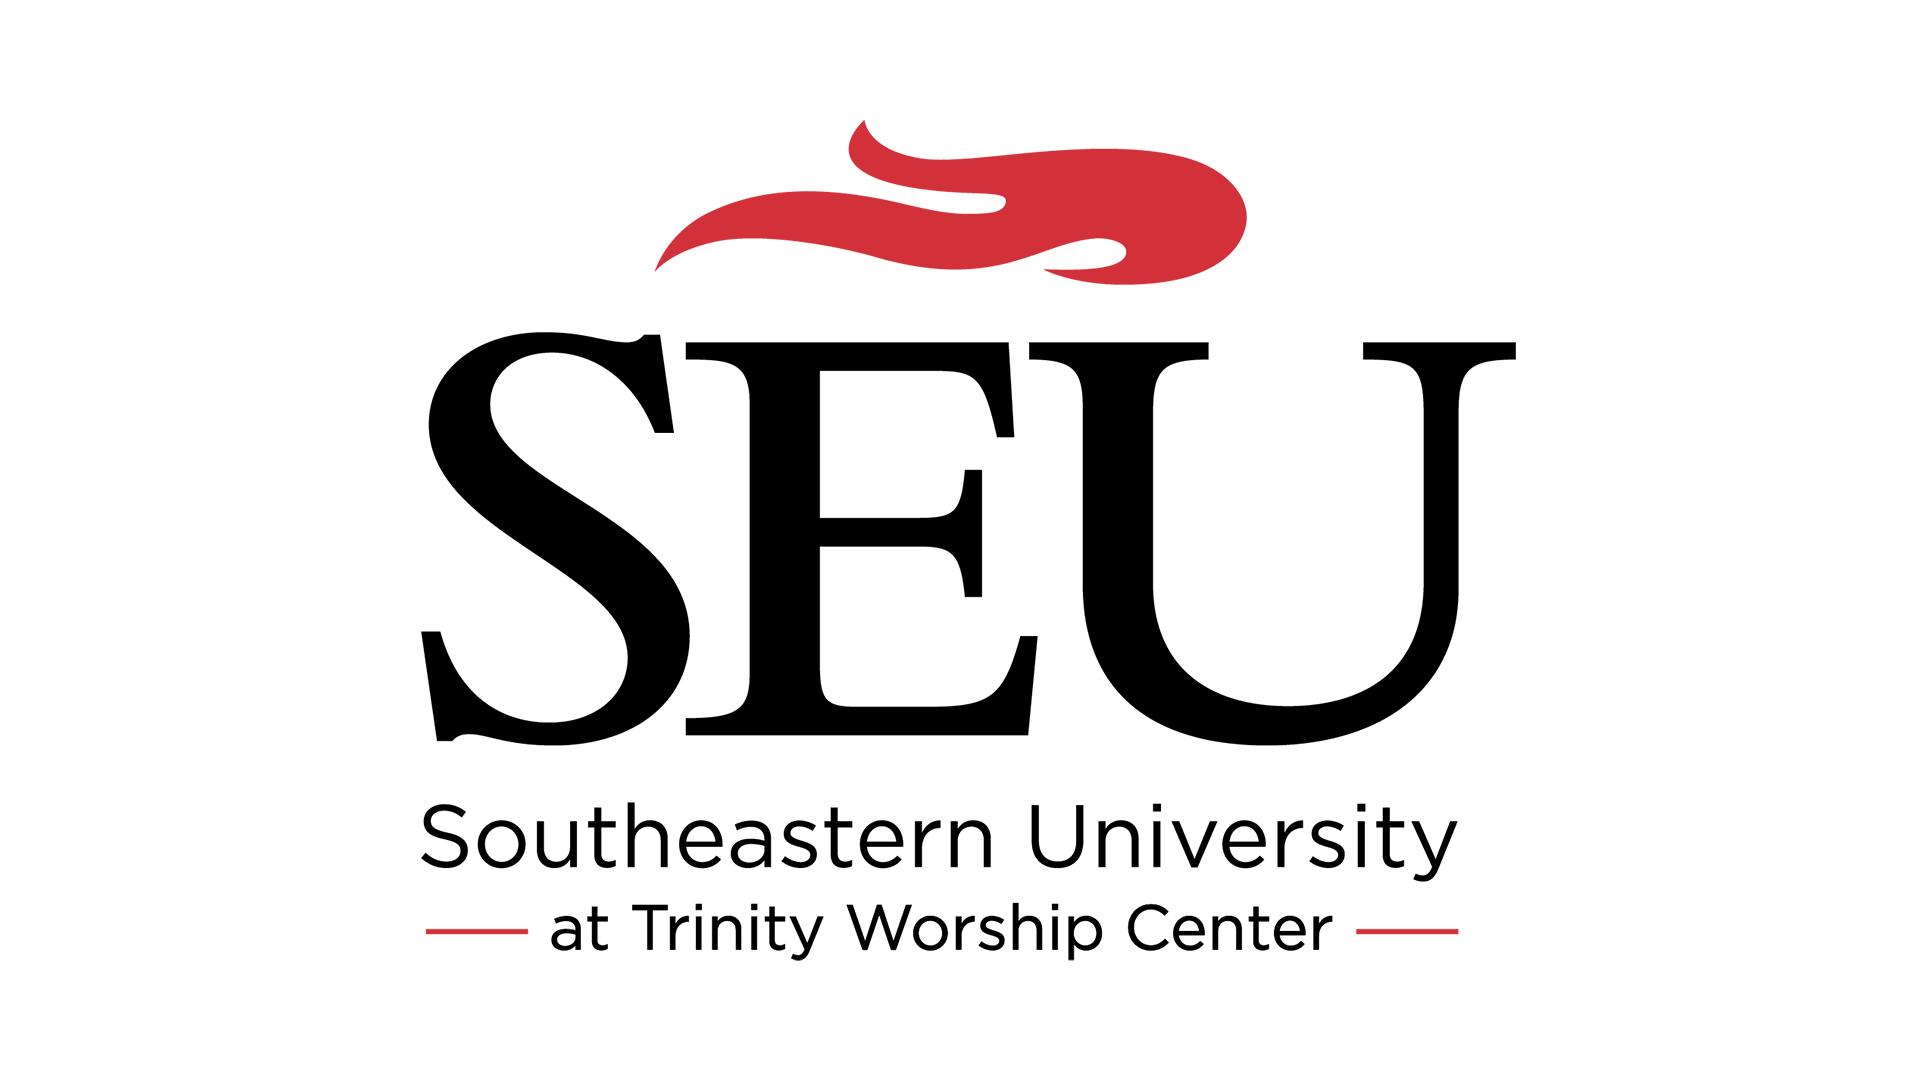 2. SEU at Trinity Worship_Logo.png